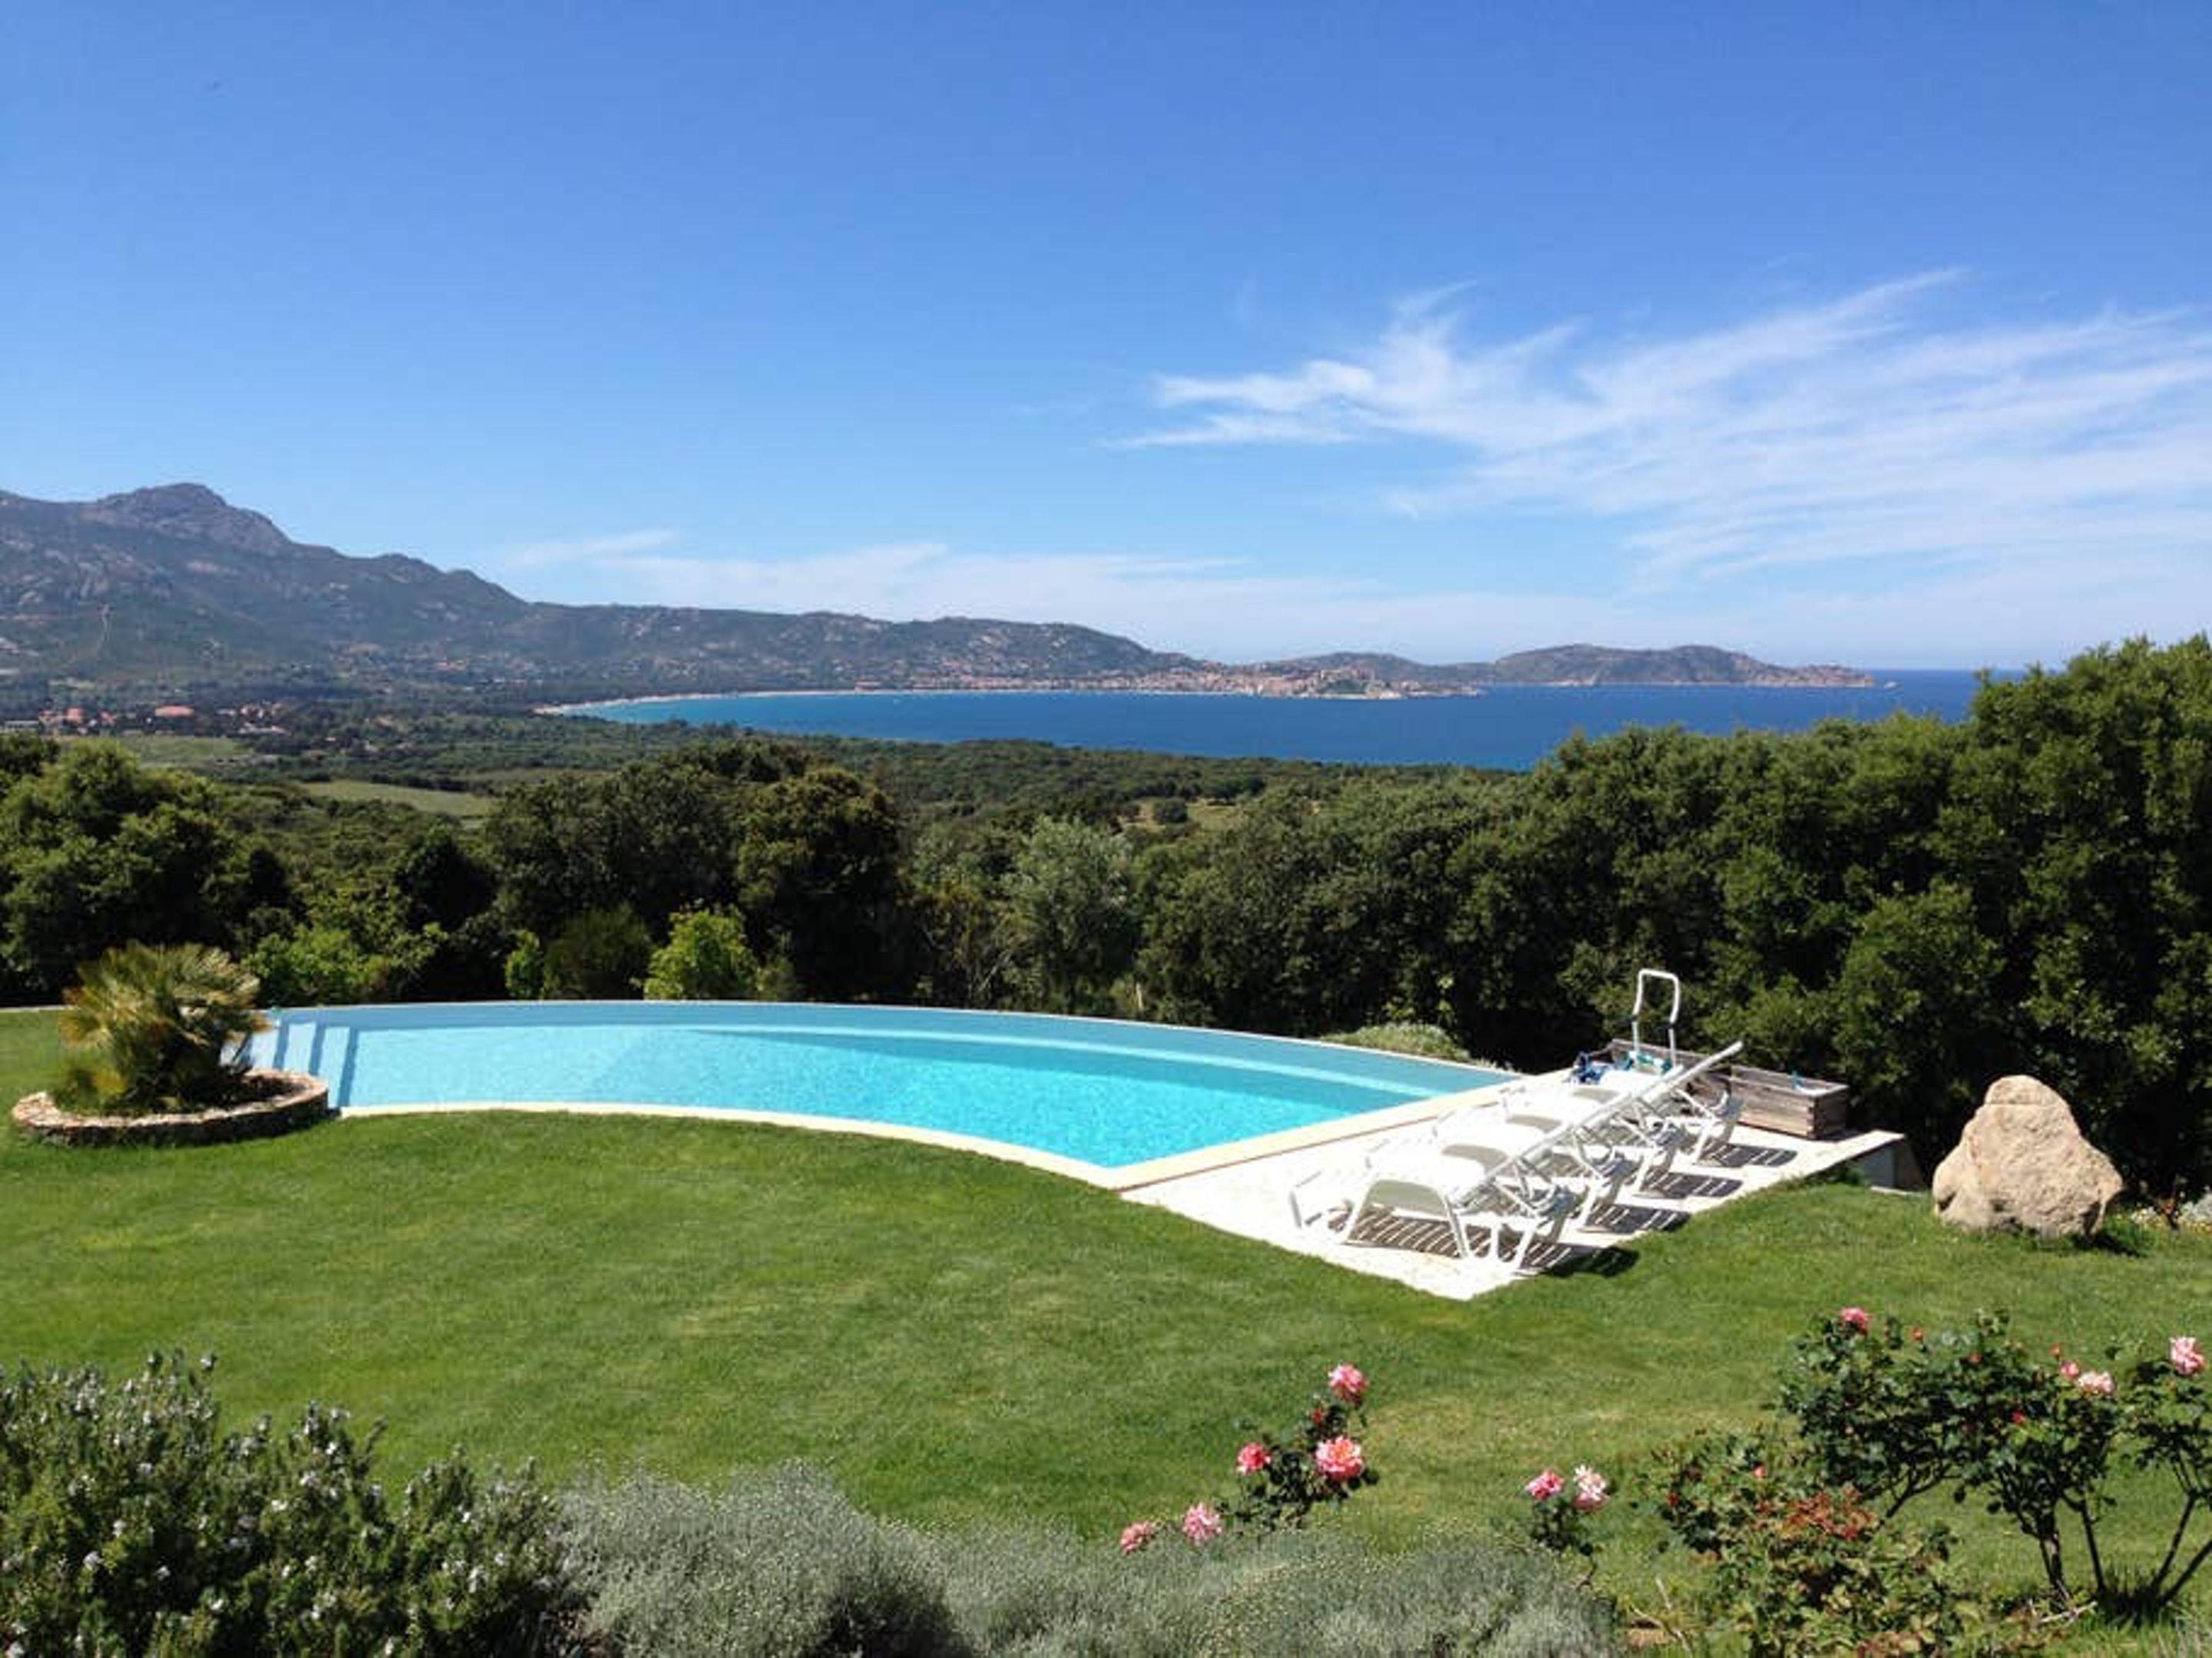 Ferienhaus Villa mit 4 Schlafzimmern in Lumio mit herrlichem Meerblick, privatem Pool, möbliertem Gar (2632533), Lumio, Nordkorsika, Korsika, Frankreich, Bild 10